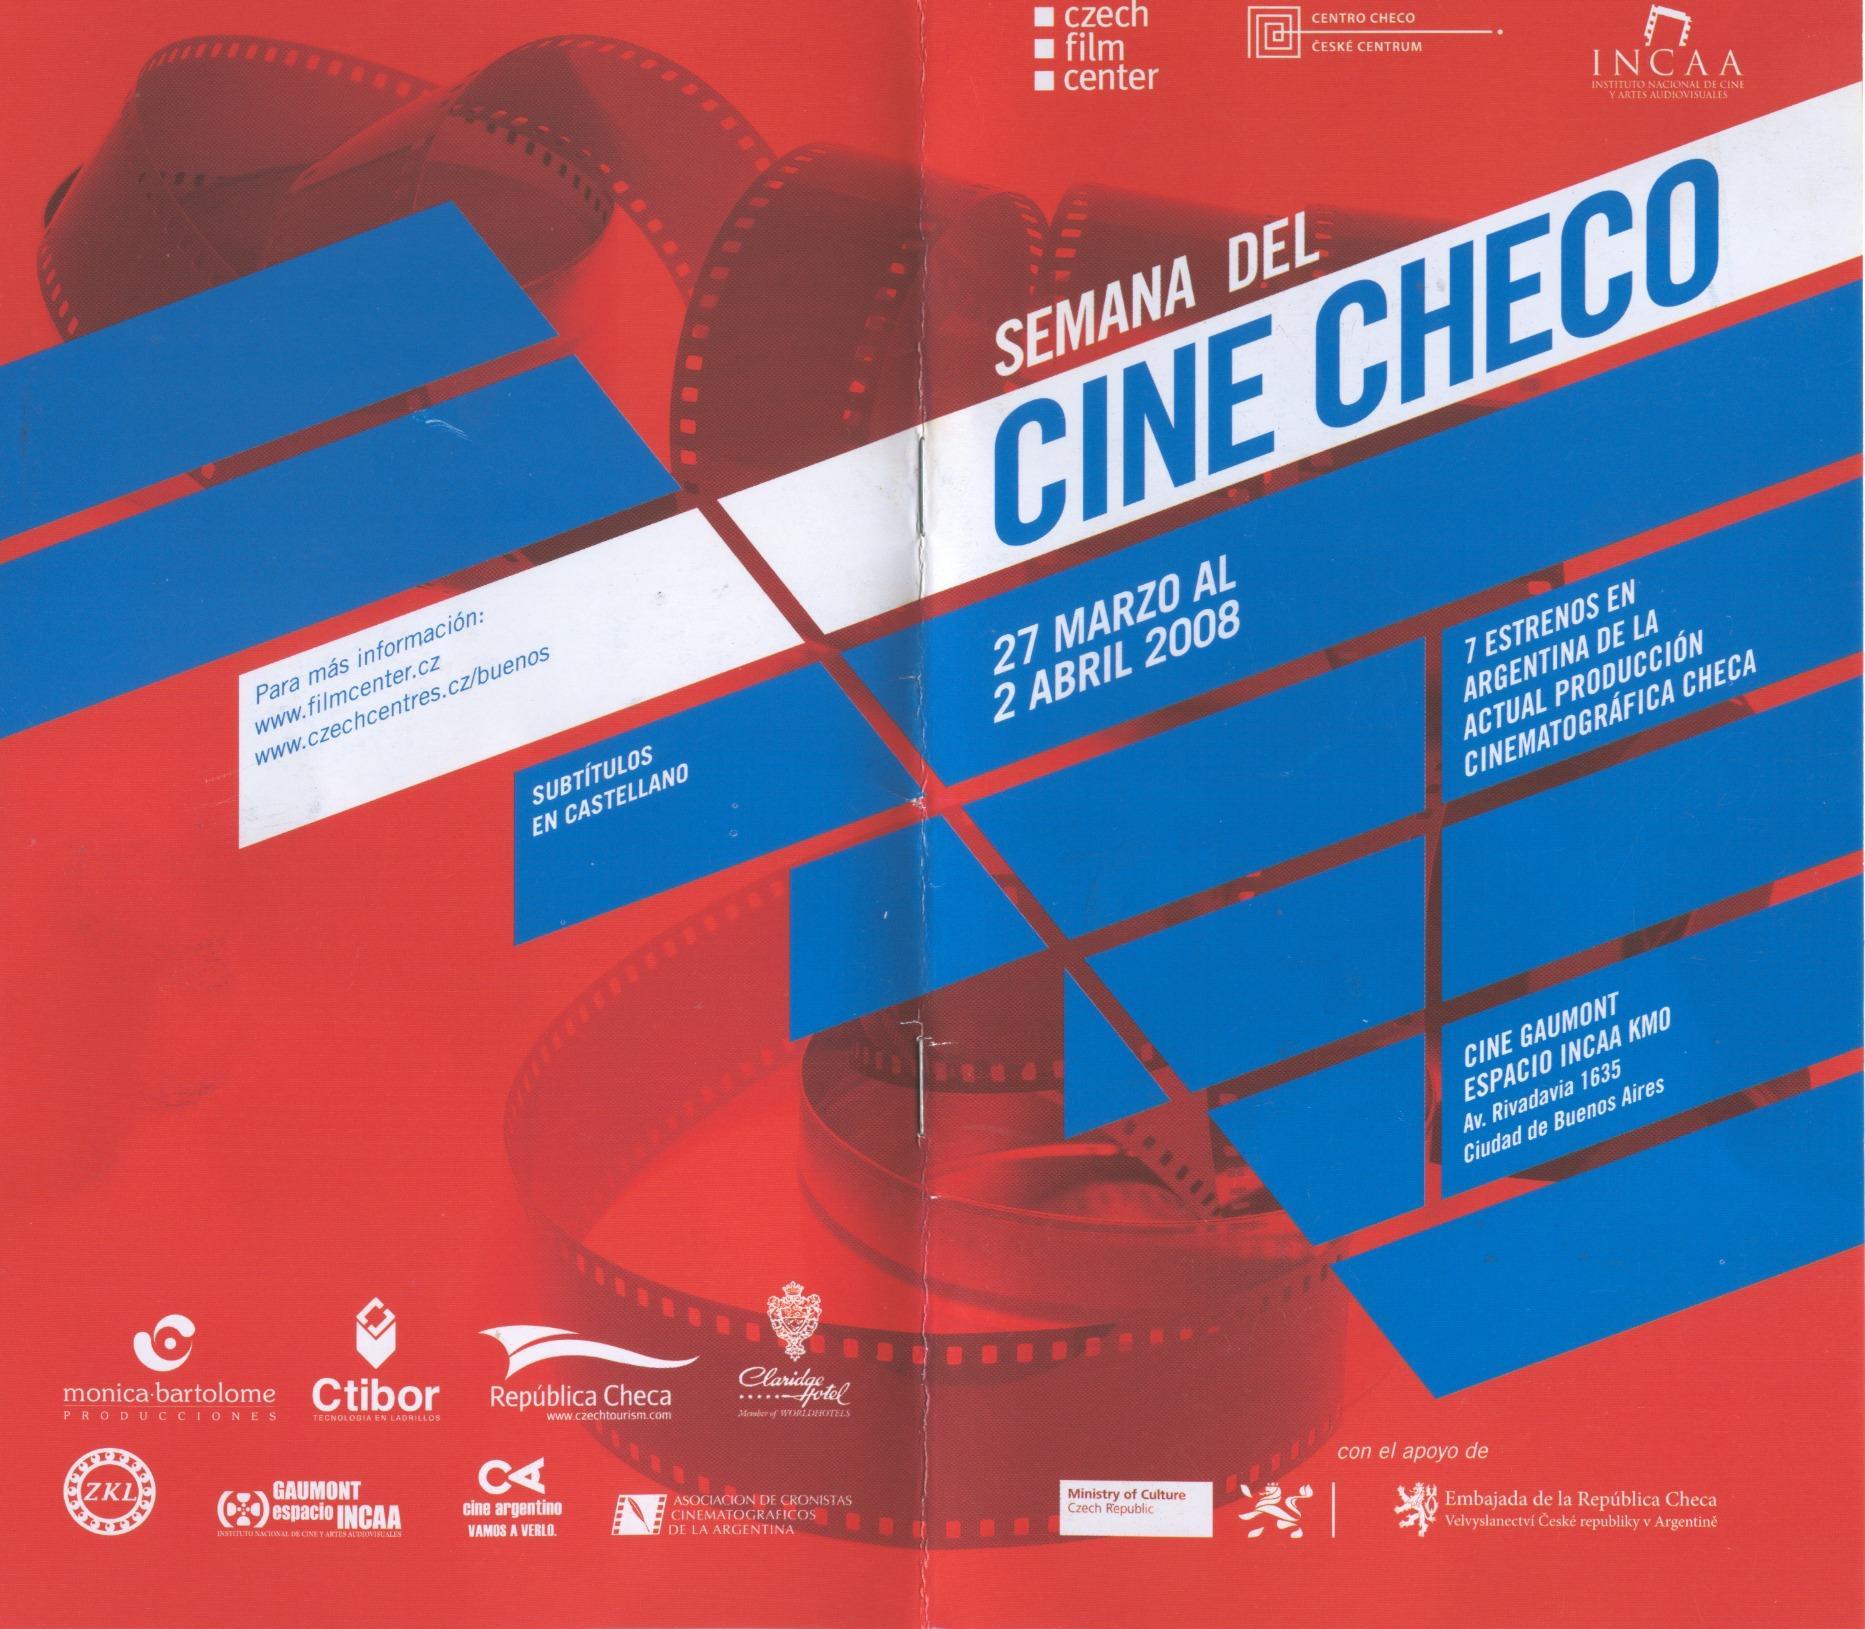 jornada-de-cine-checo.jpg